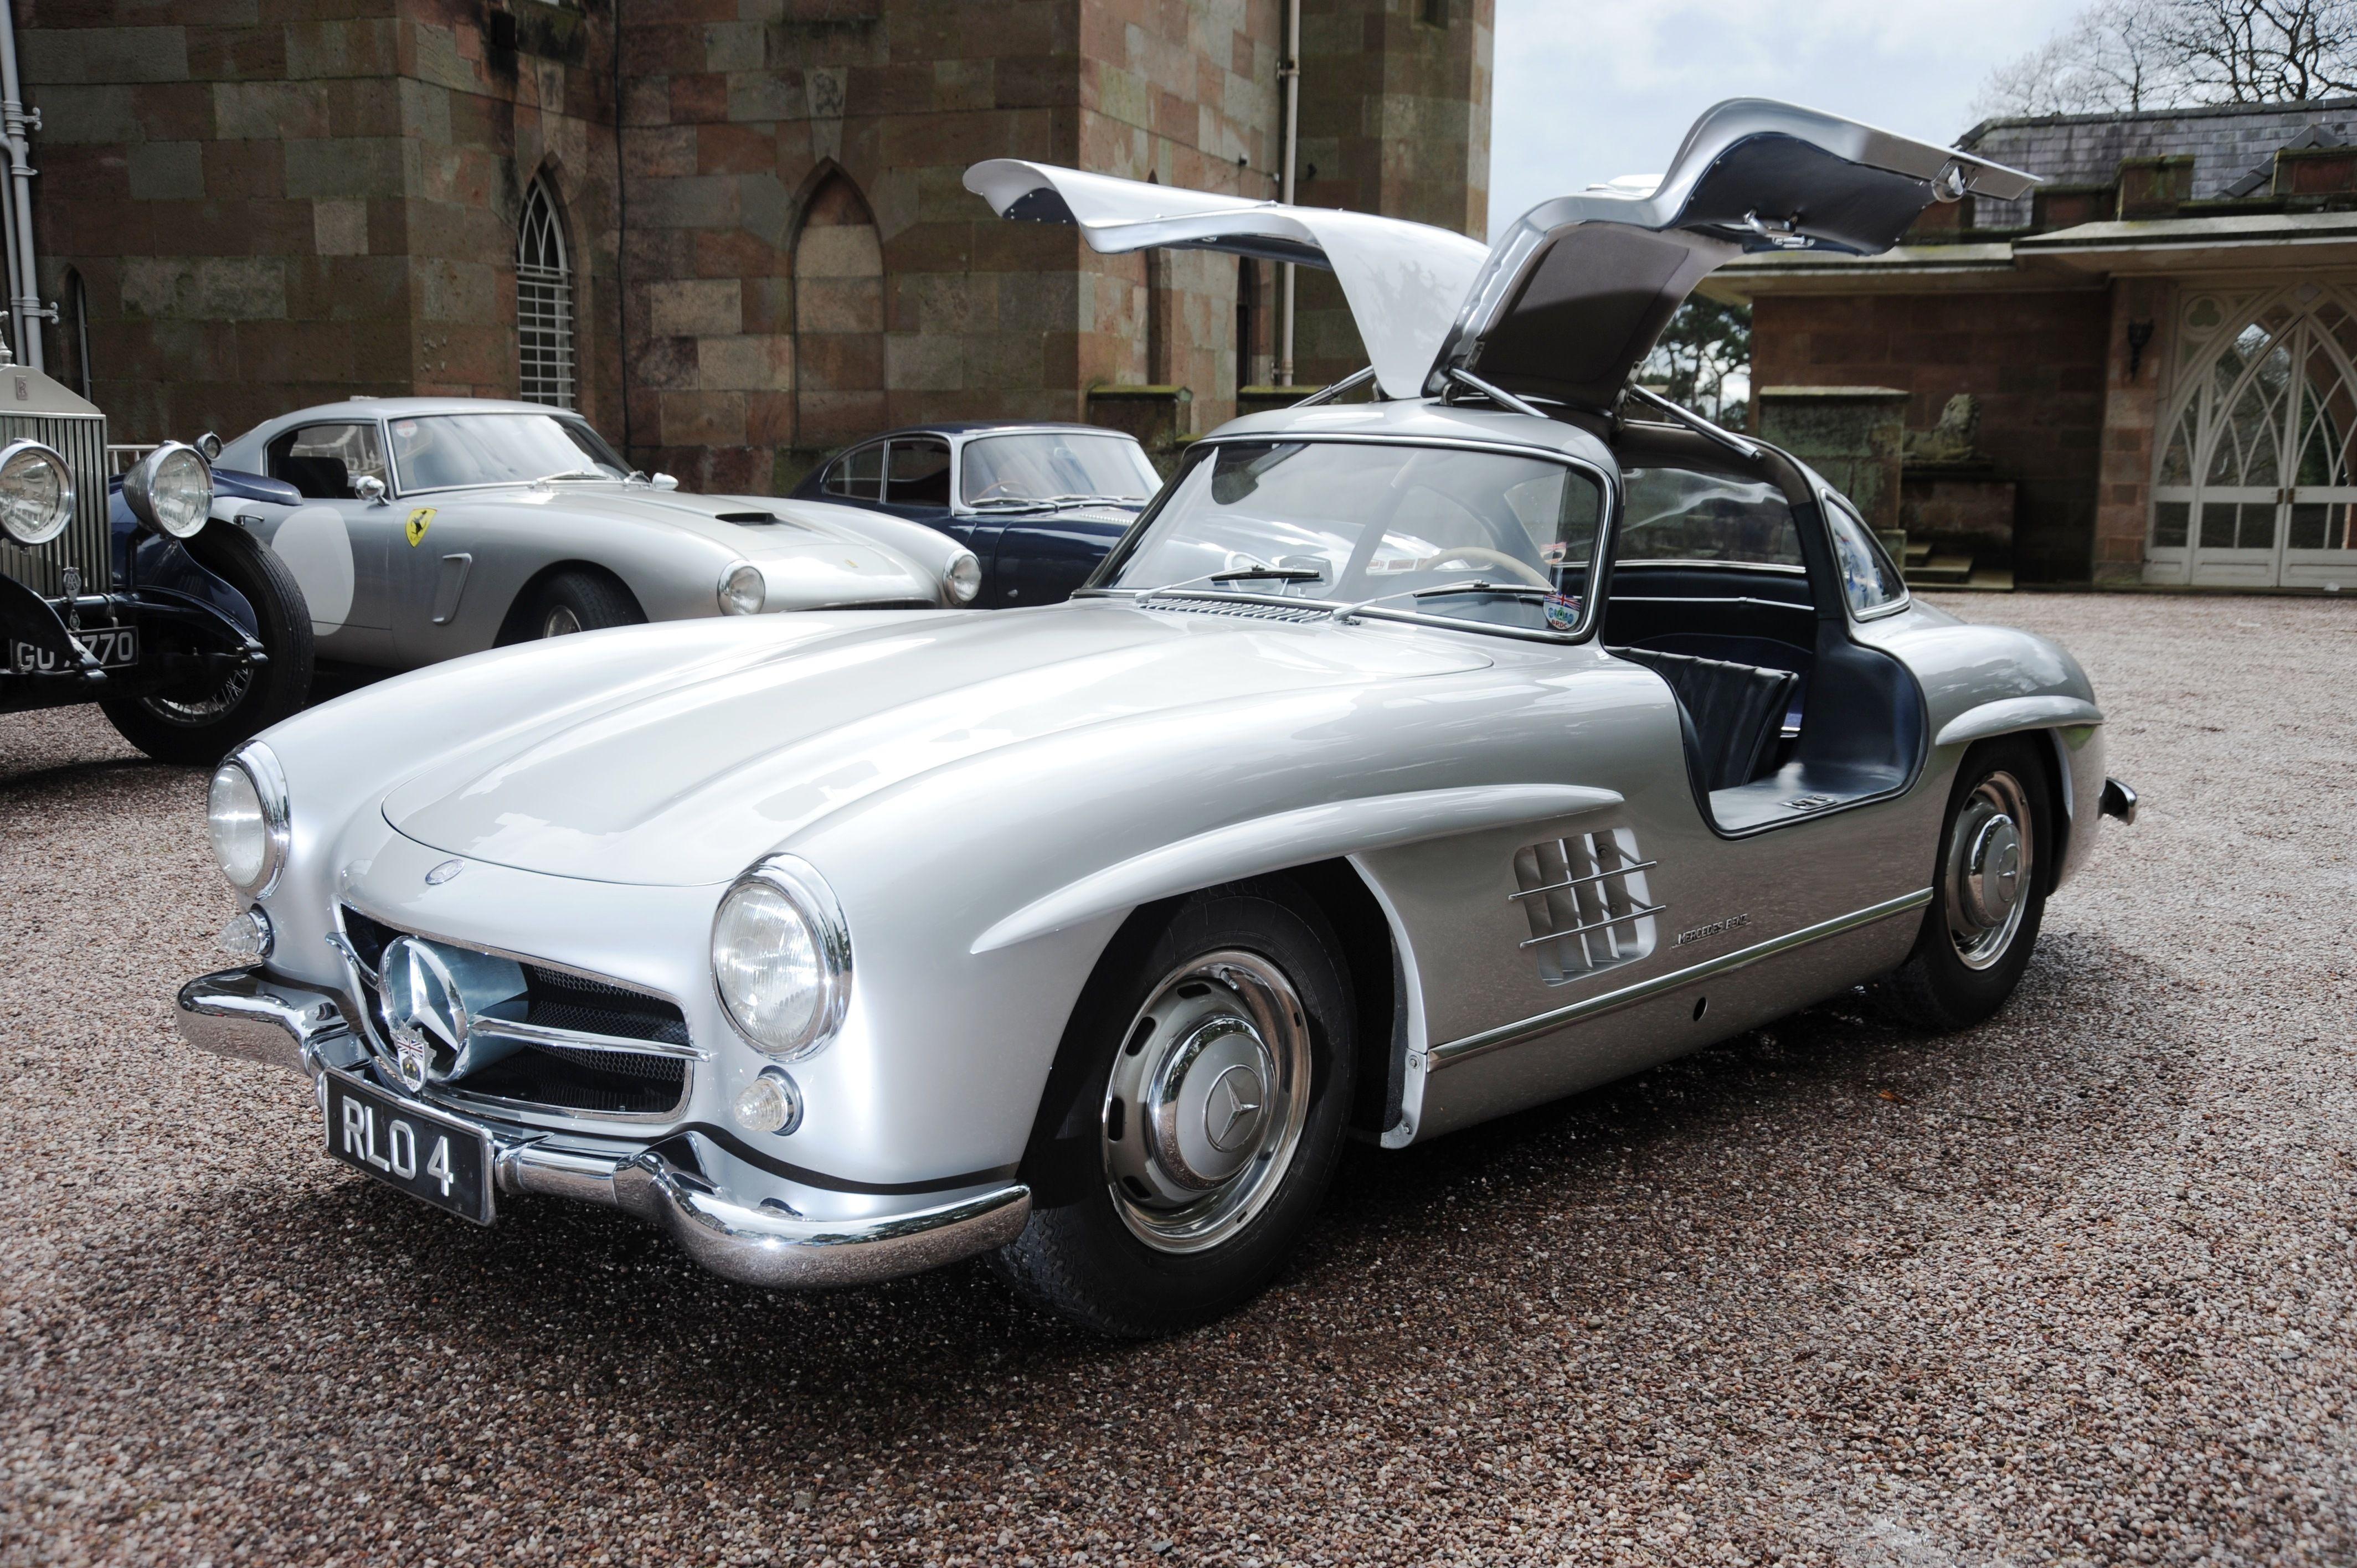 1955 mercedes benz 300sl gullwing european sports cars for 1955 mercedes benz 300sl gullwing